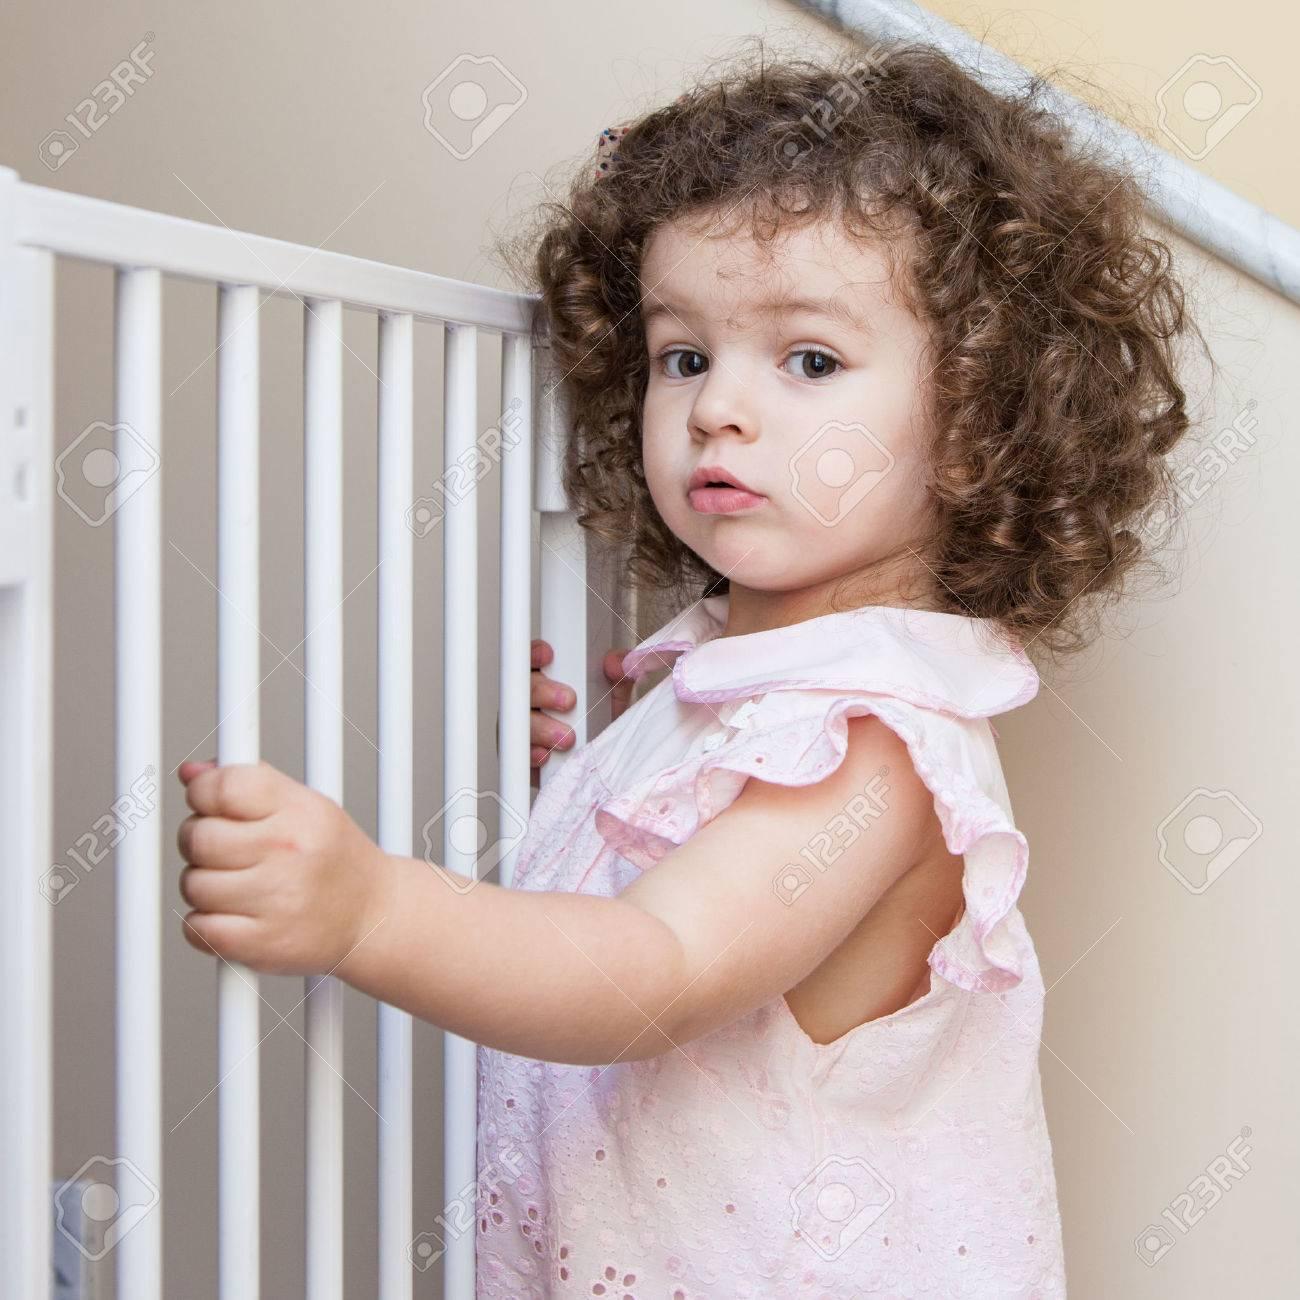 Portrait of a cute curly-hair girl near stair gate Standard-Bild - 34233649